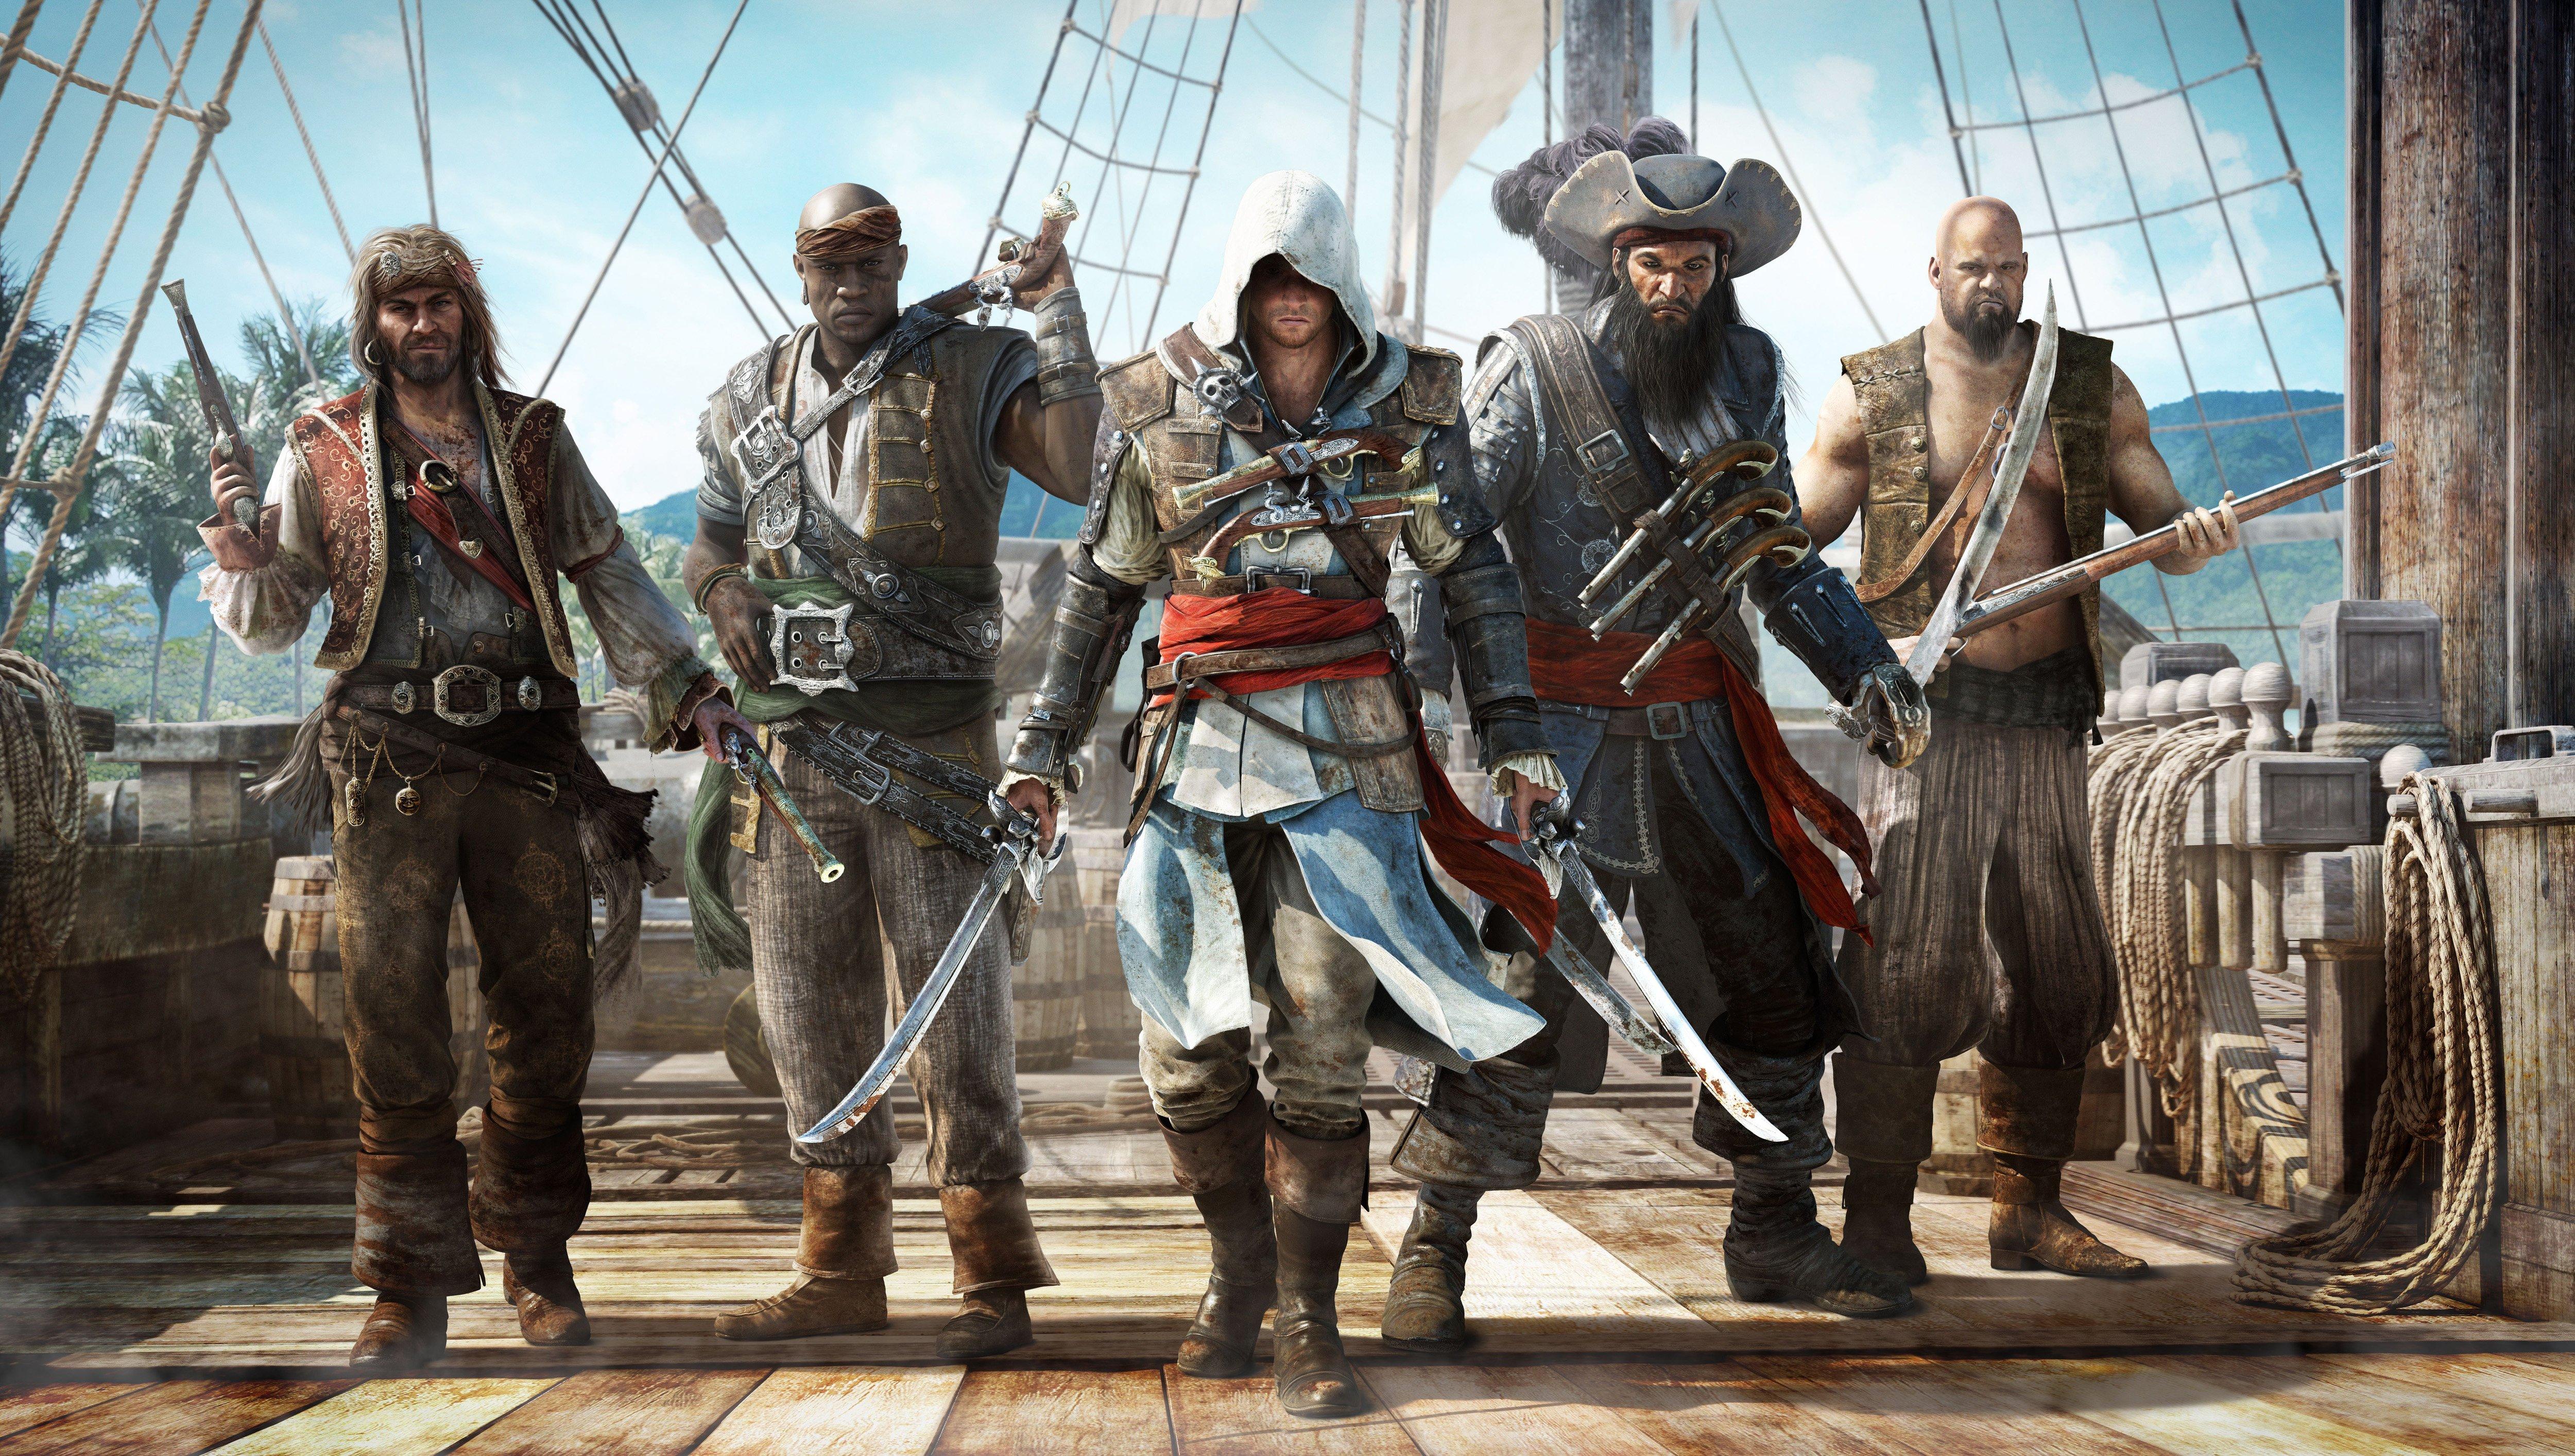 А знаете ли вы?Что всеми ожидаемый Assassins Creed IV: Black Flag уже пару дней как на торрентах простаивает, пока в .... - Изображение 1